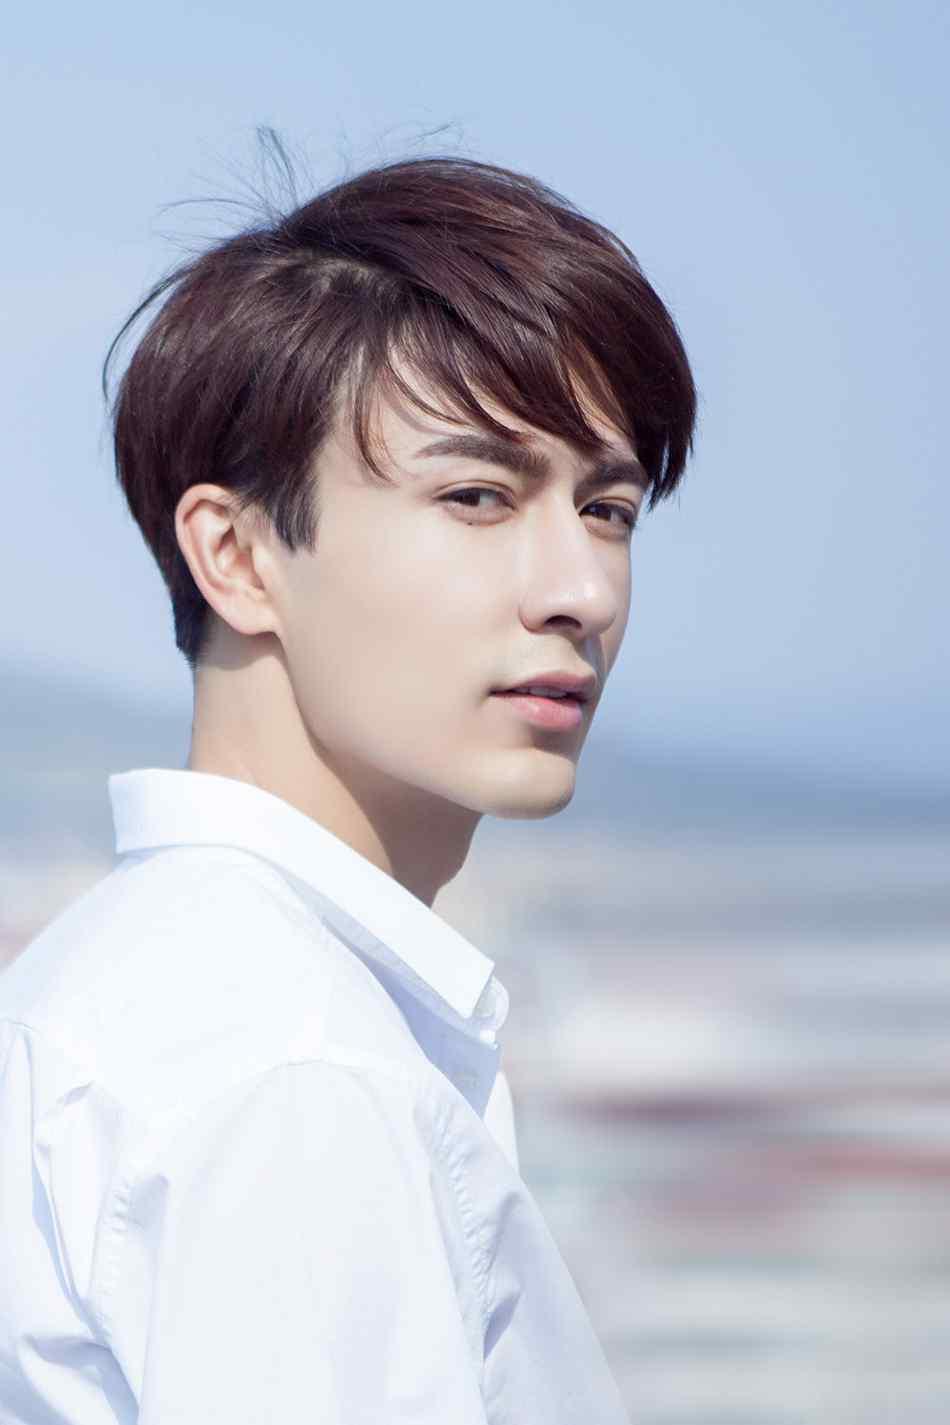 演员米热白衬衣高清帅气写真图片